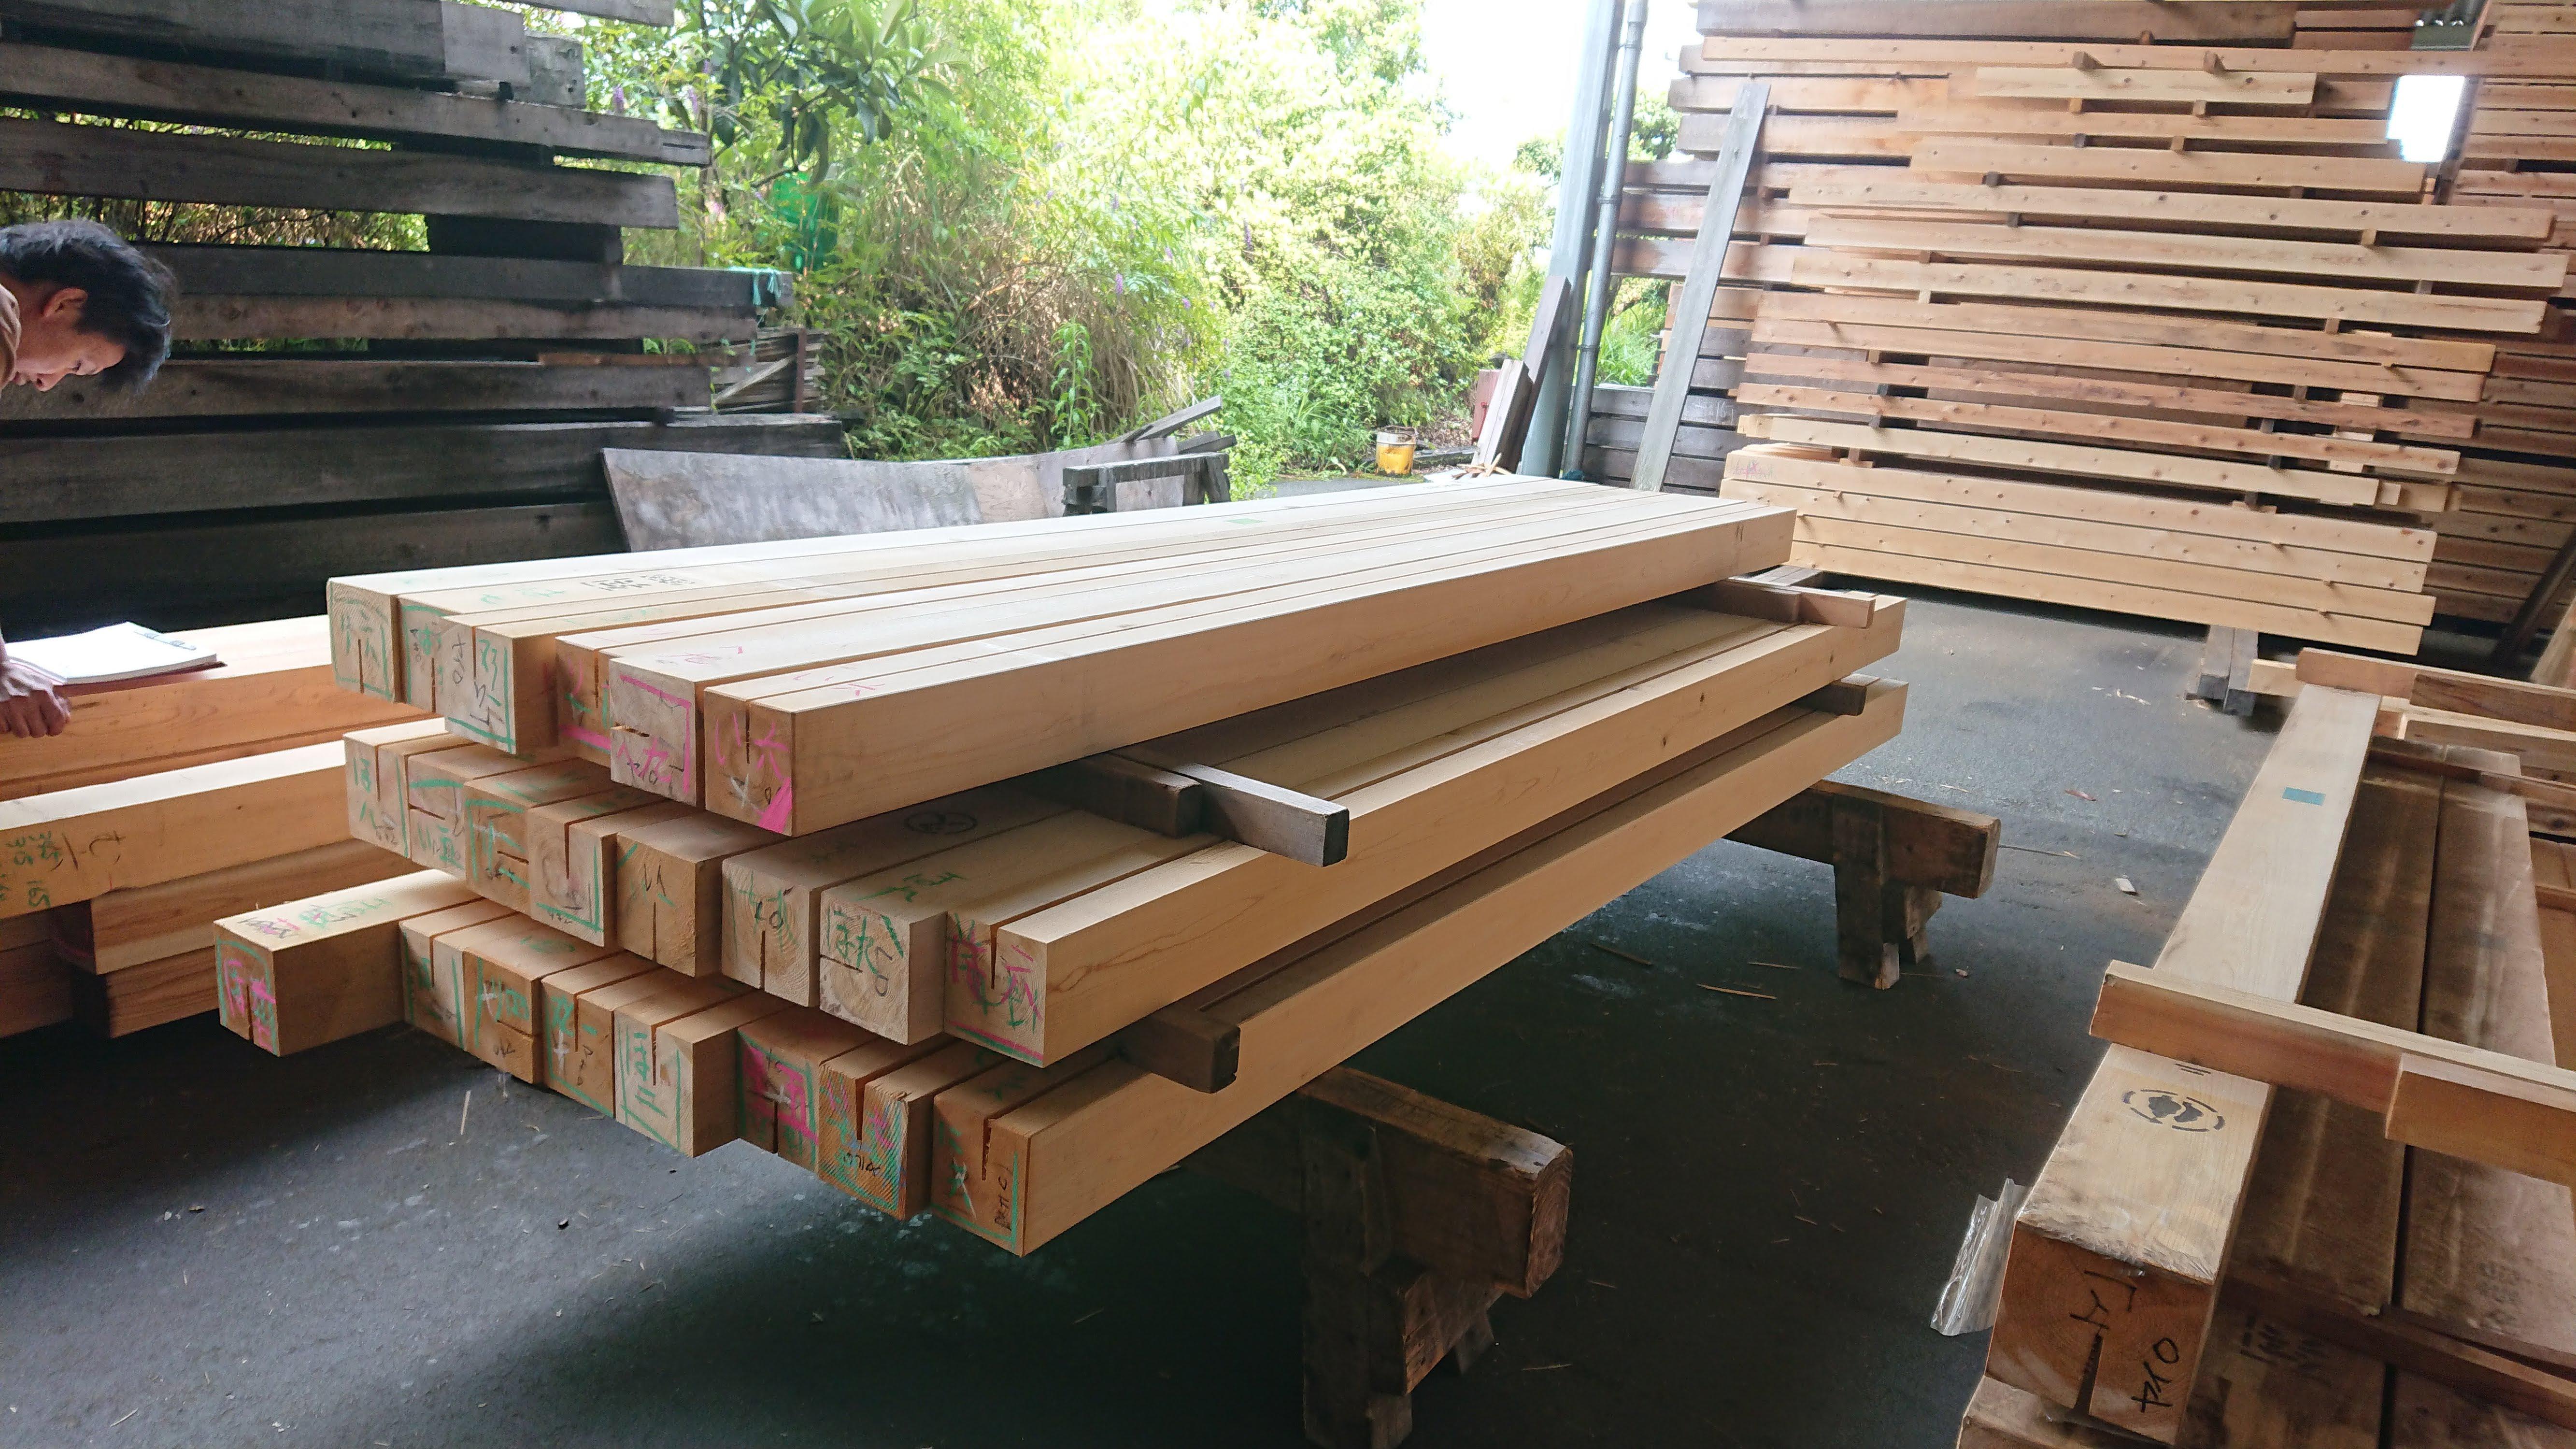 番付の終わった桧化粧柱。見える面や柱の位置をしめす番付が木に書き入れられます。